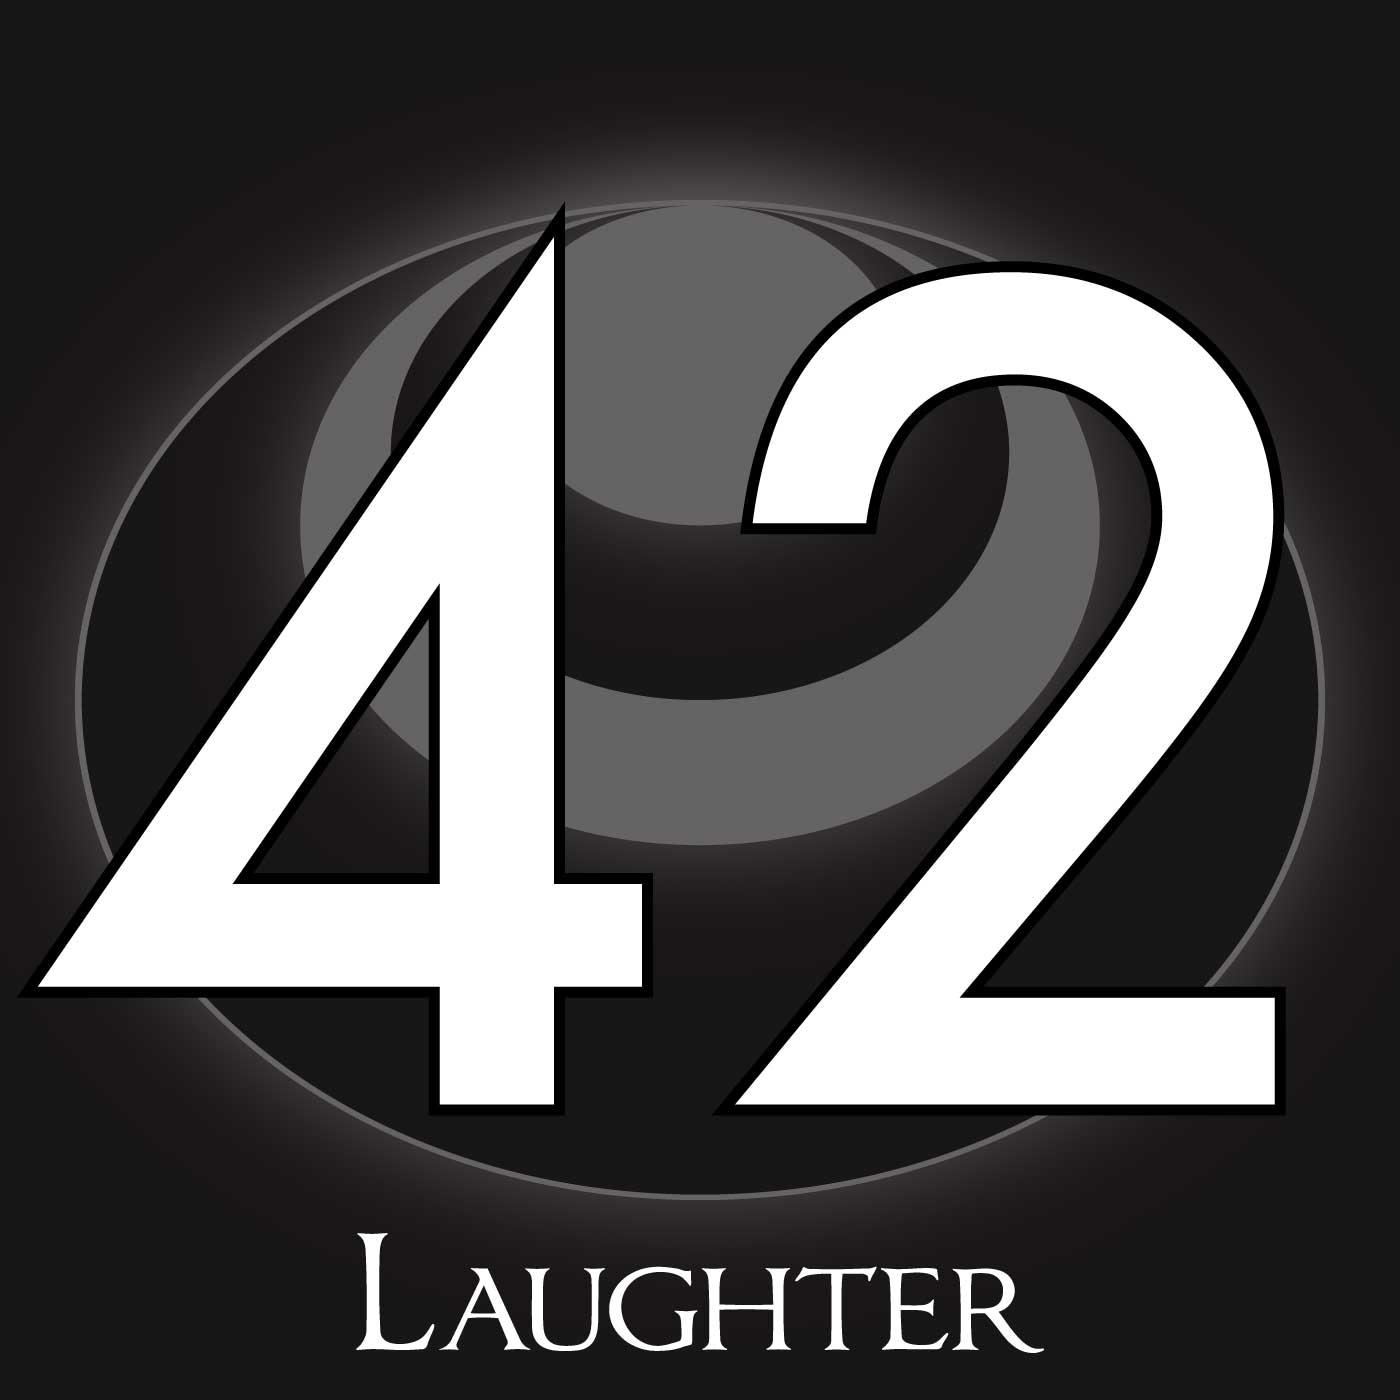 Evil Laughter 01 Twitter